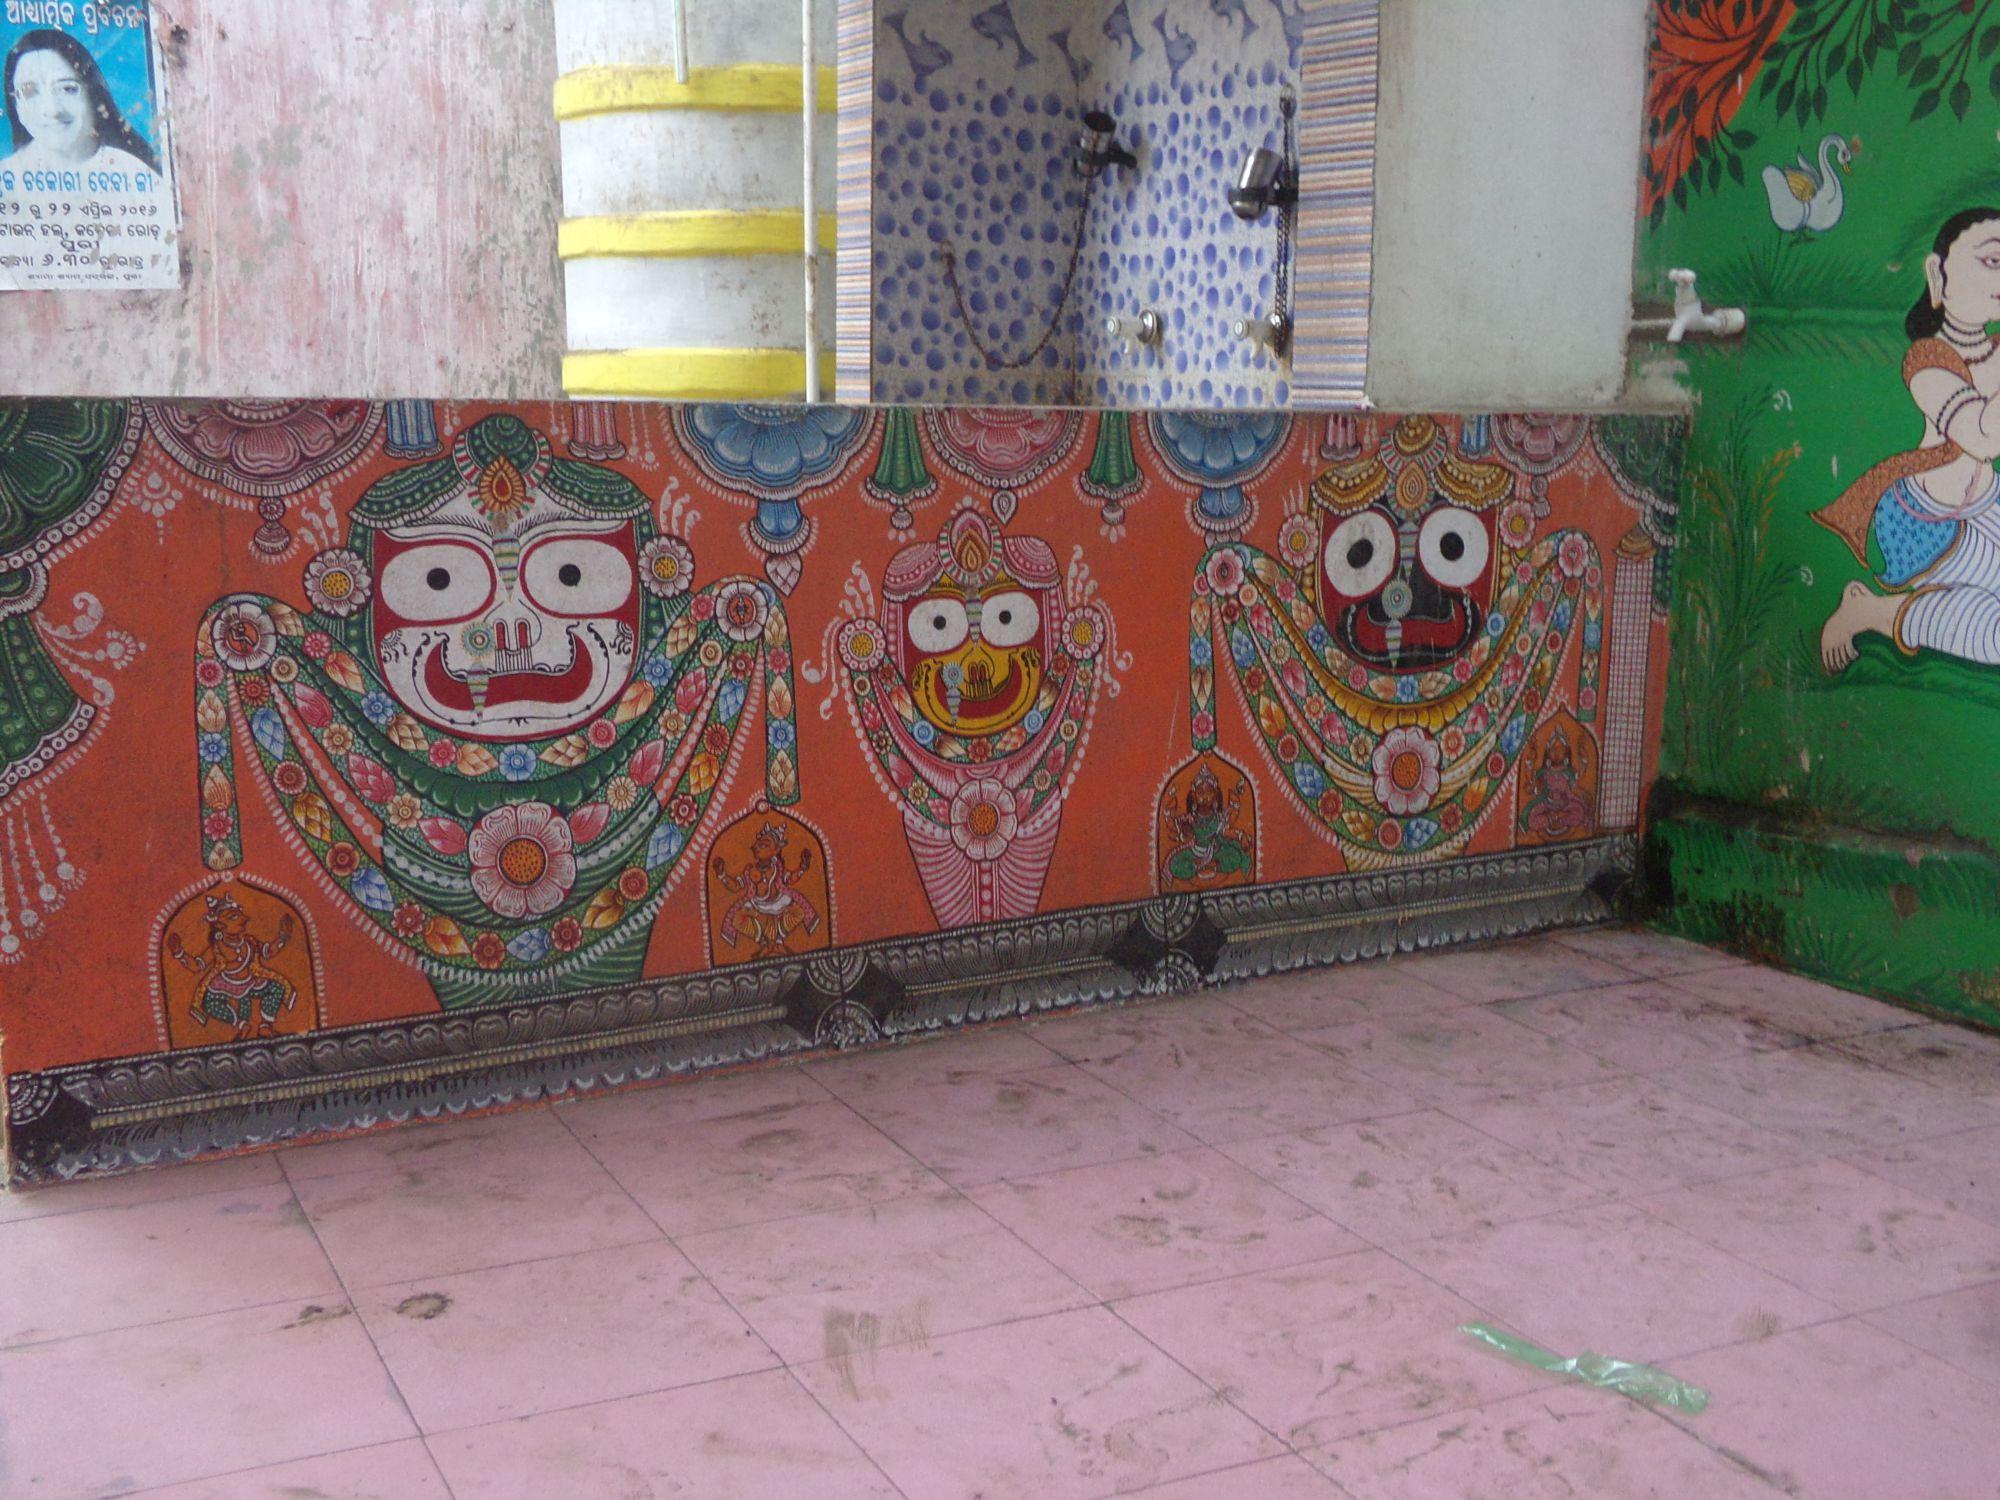 dieux puri street art odisha ville sacree